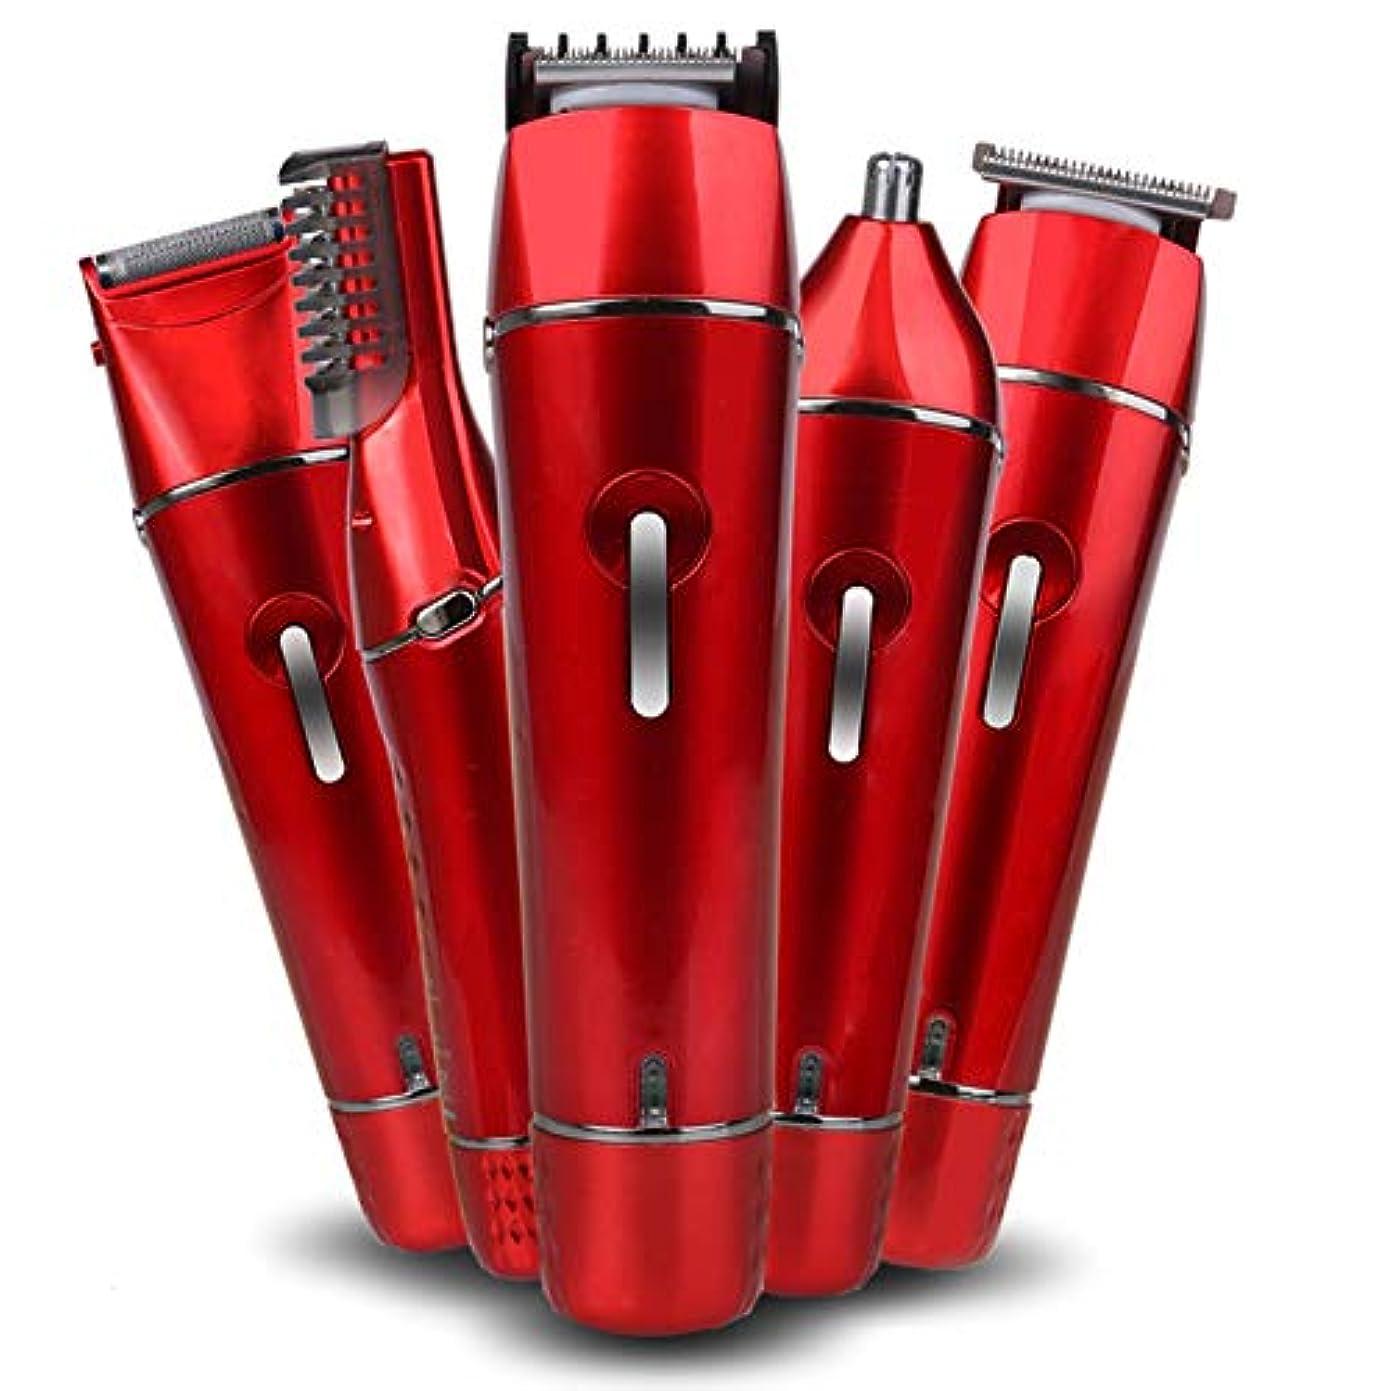 類人猿教育学シェア女性のヘアリムーバー、5 in 1 USB充電式レディース電気シェーバー、女性用かみそりビキニトリマー、顔/ボディ/脇下/脚用,Red